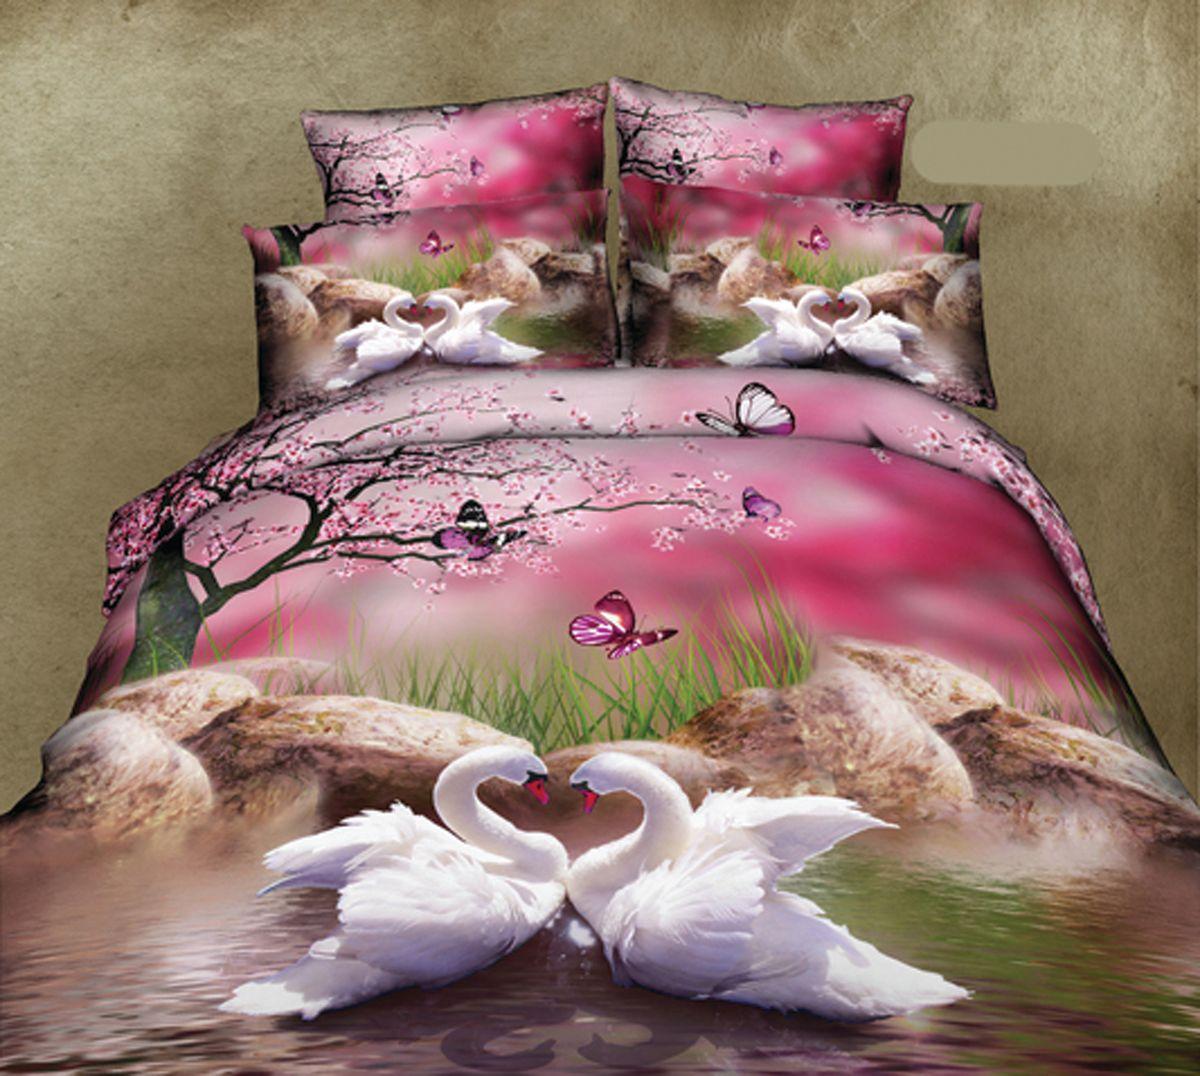 Комплект белья Guten Morgen Лебеди, 1,5-спальный, наволочки 70х70RC-100BWCКомплект постельного белья Guten Morgen Лебеди, изготовленный из сатина (100% хлопка), поможет вам расслабиться и подарит спокойный сон. Комплект состоит из пододеяльника, простыни и двух наволочек.Благодаря такому комплекту постельного белья вы сможете создать атмосферу уюта и комфорта в вашей спальне.